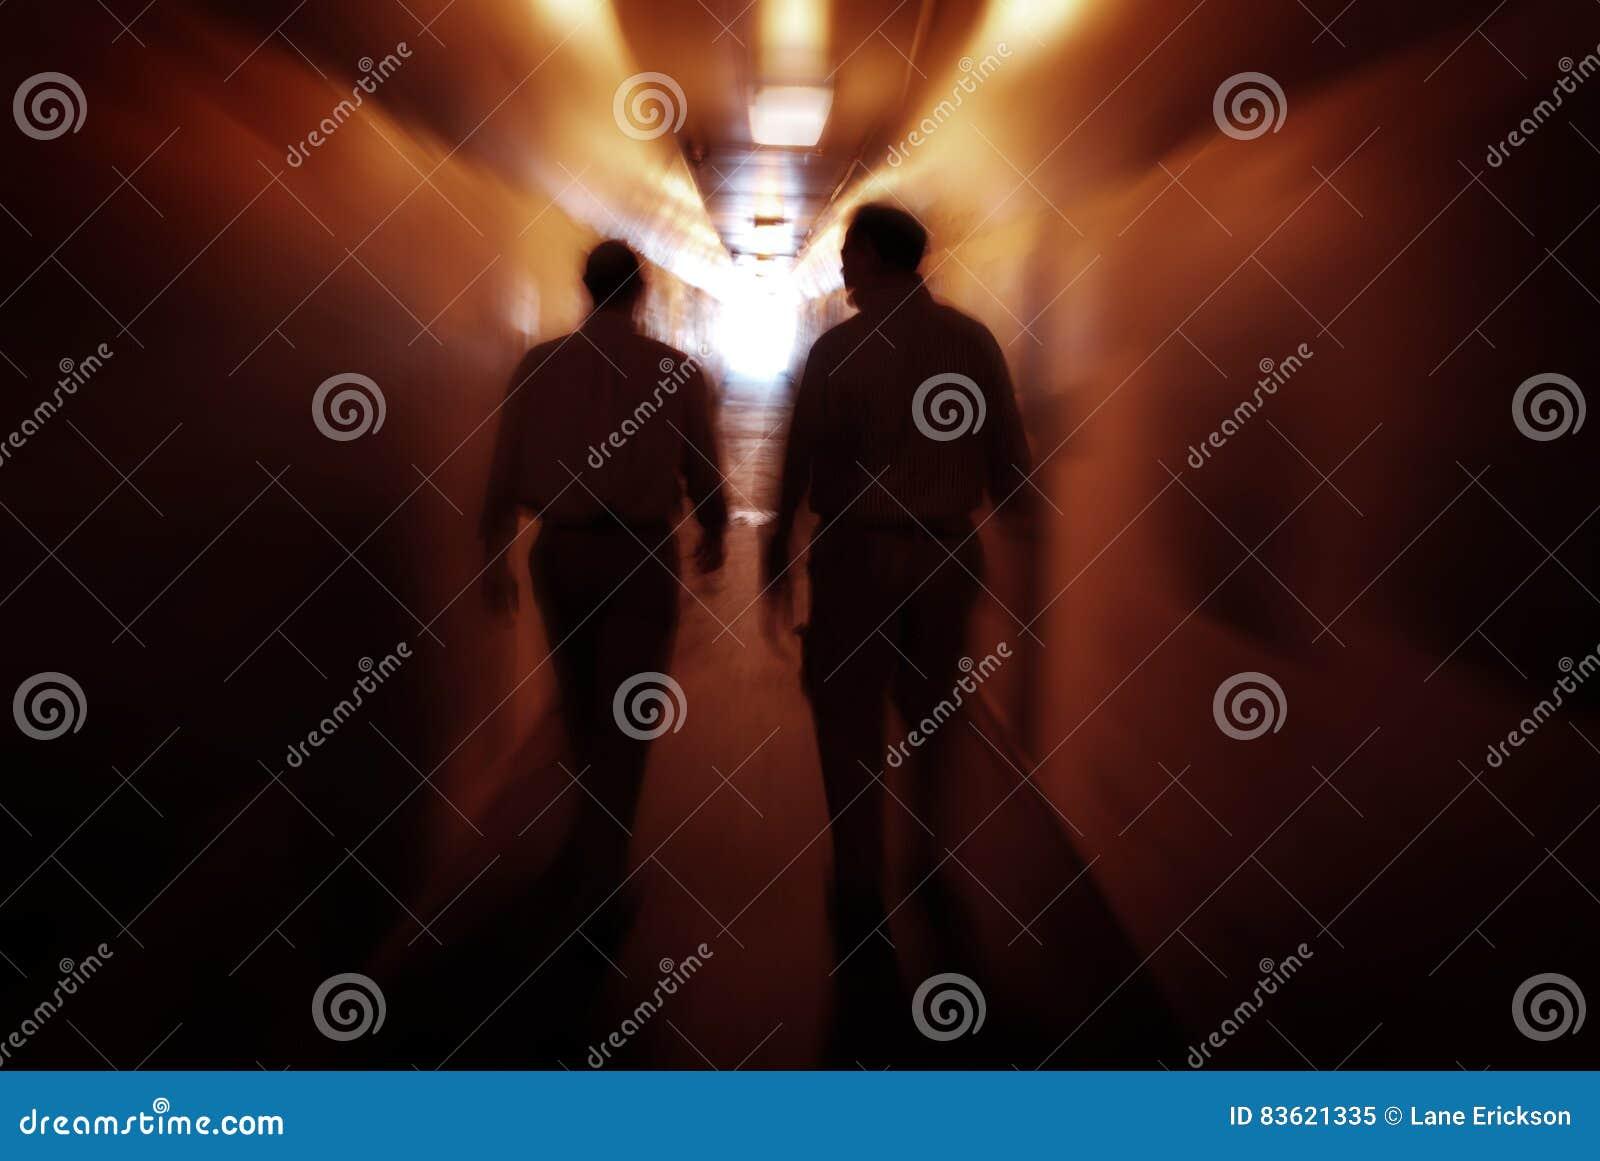 Deux hommes marchant par le tunnel explorant de nouveaux endroits